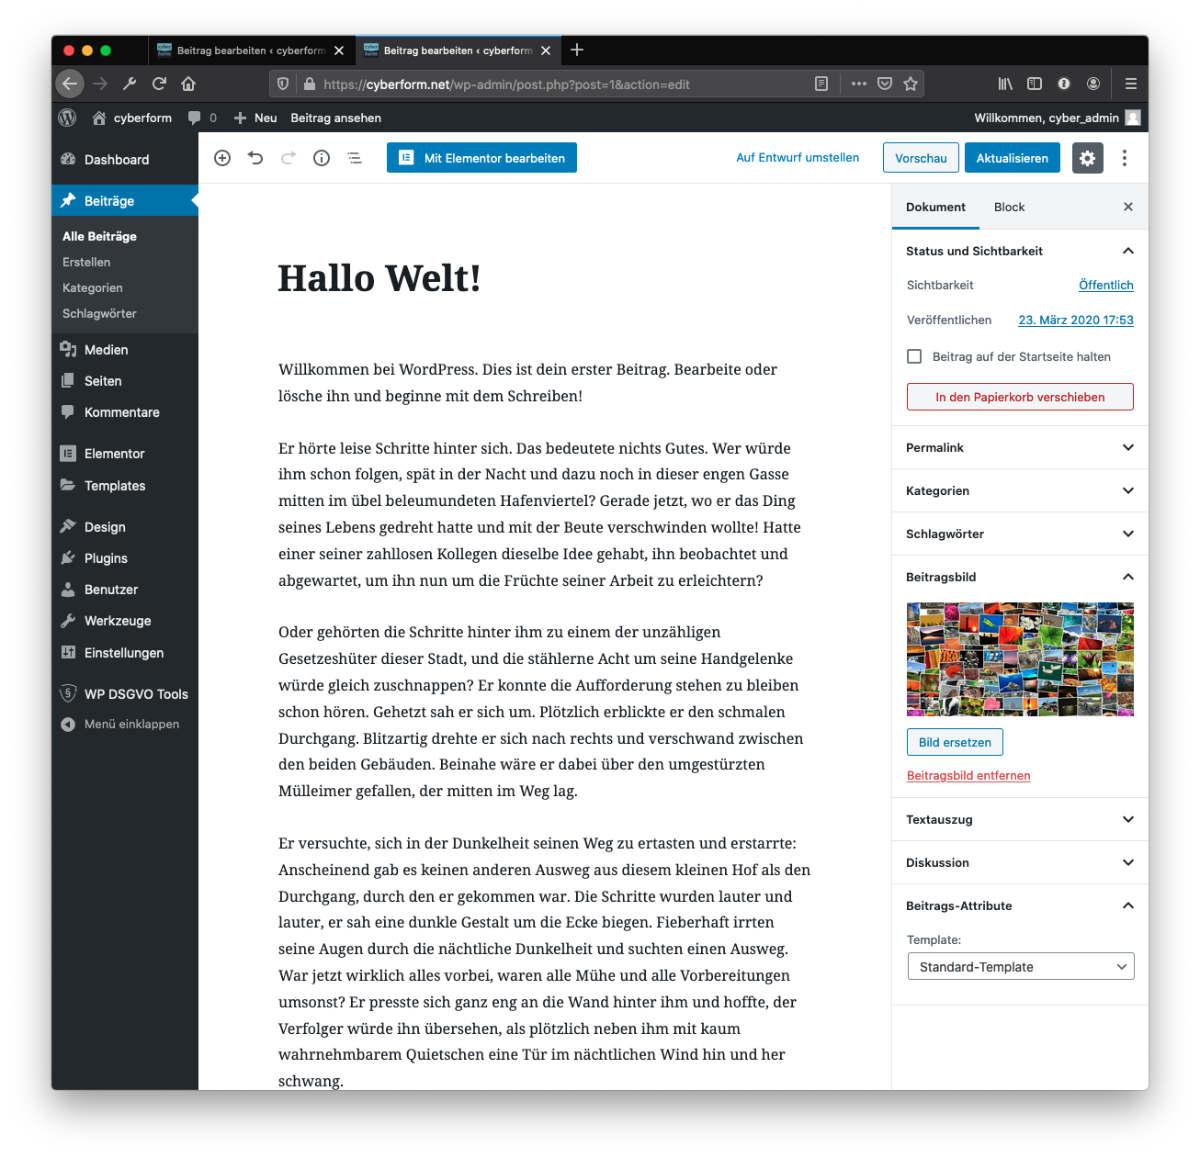 Hallo Welt in Gutenberg